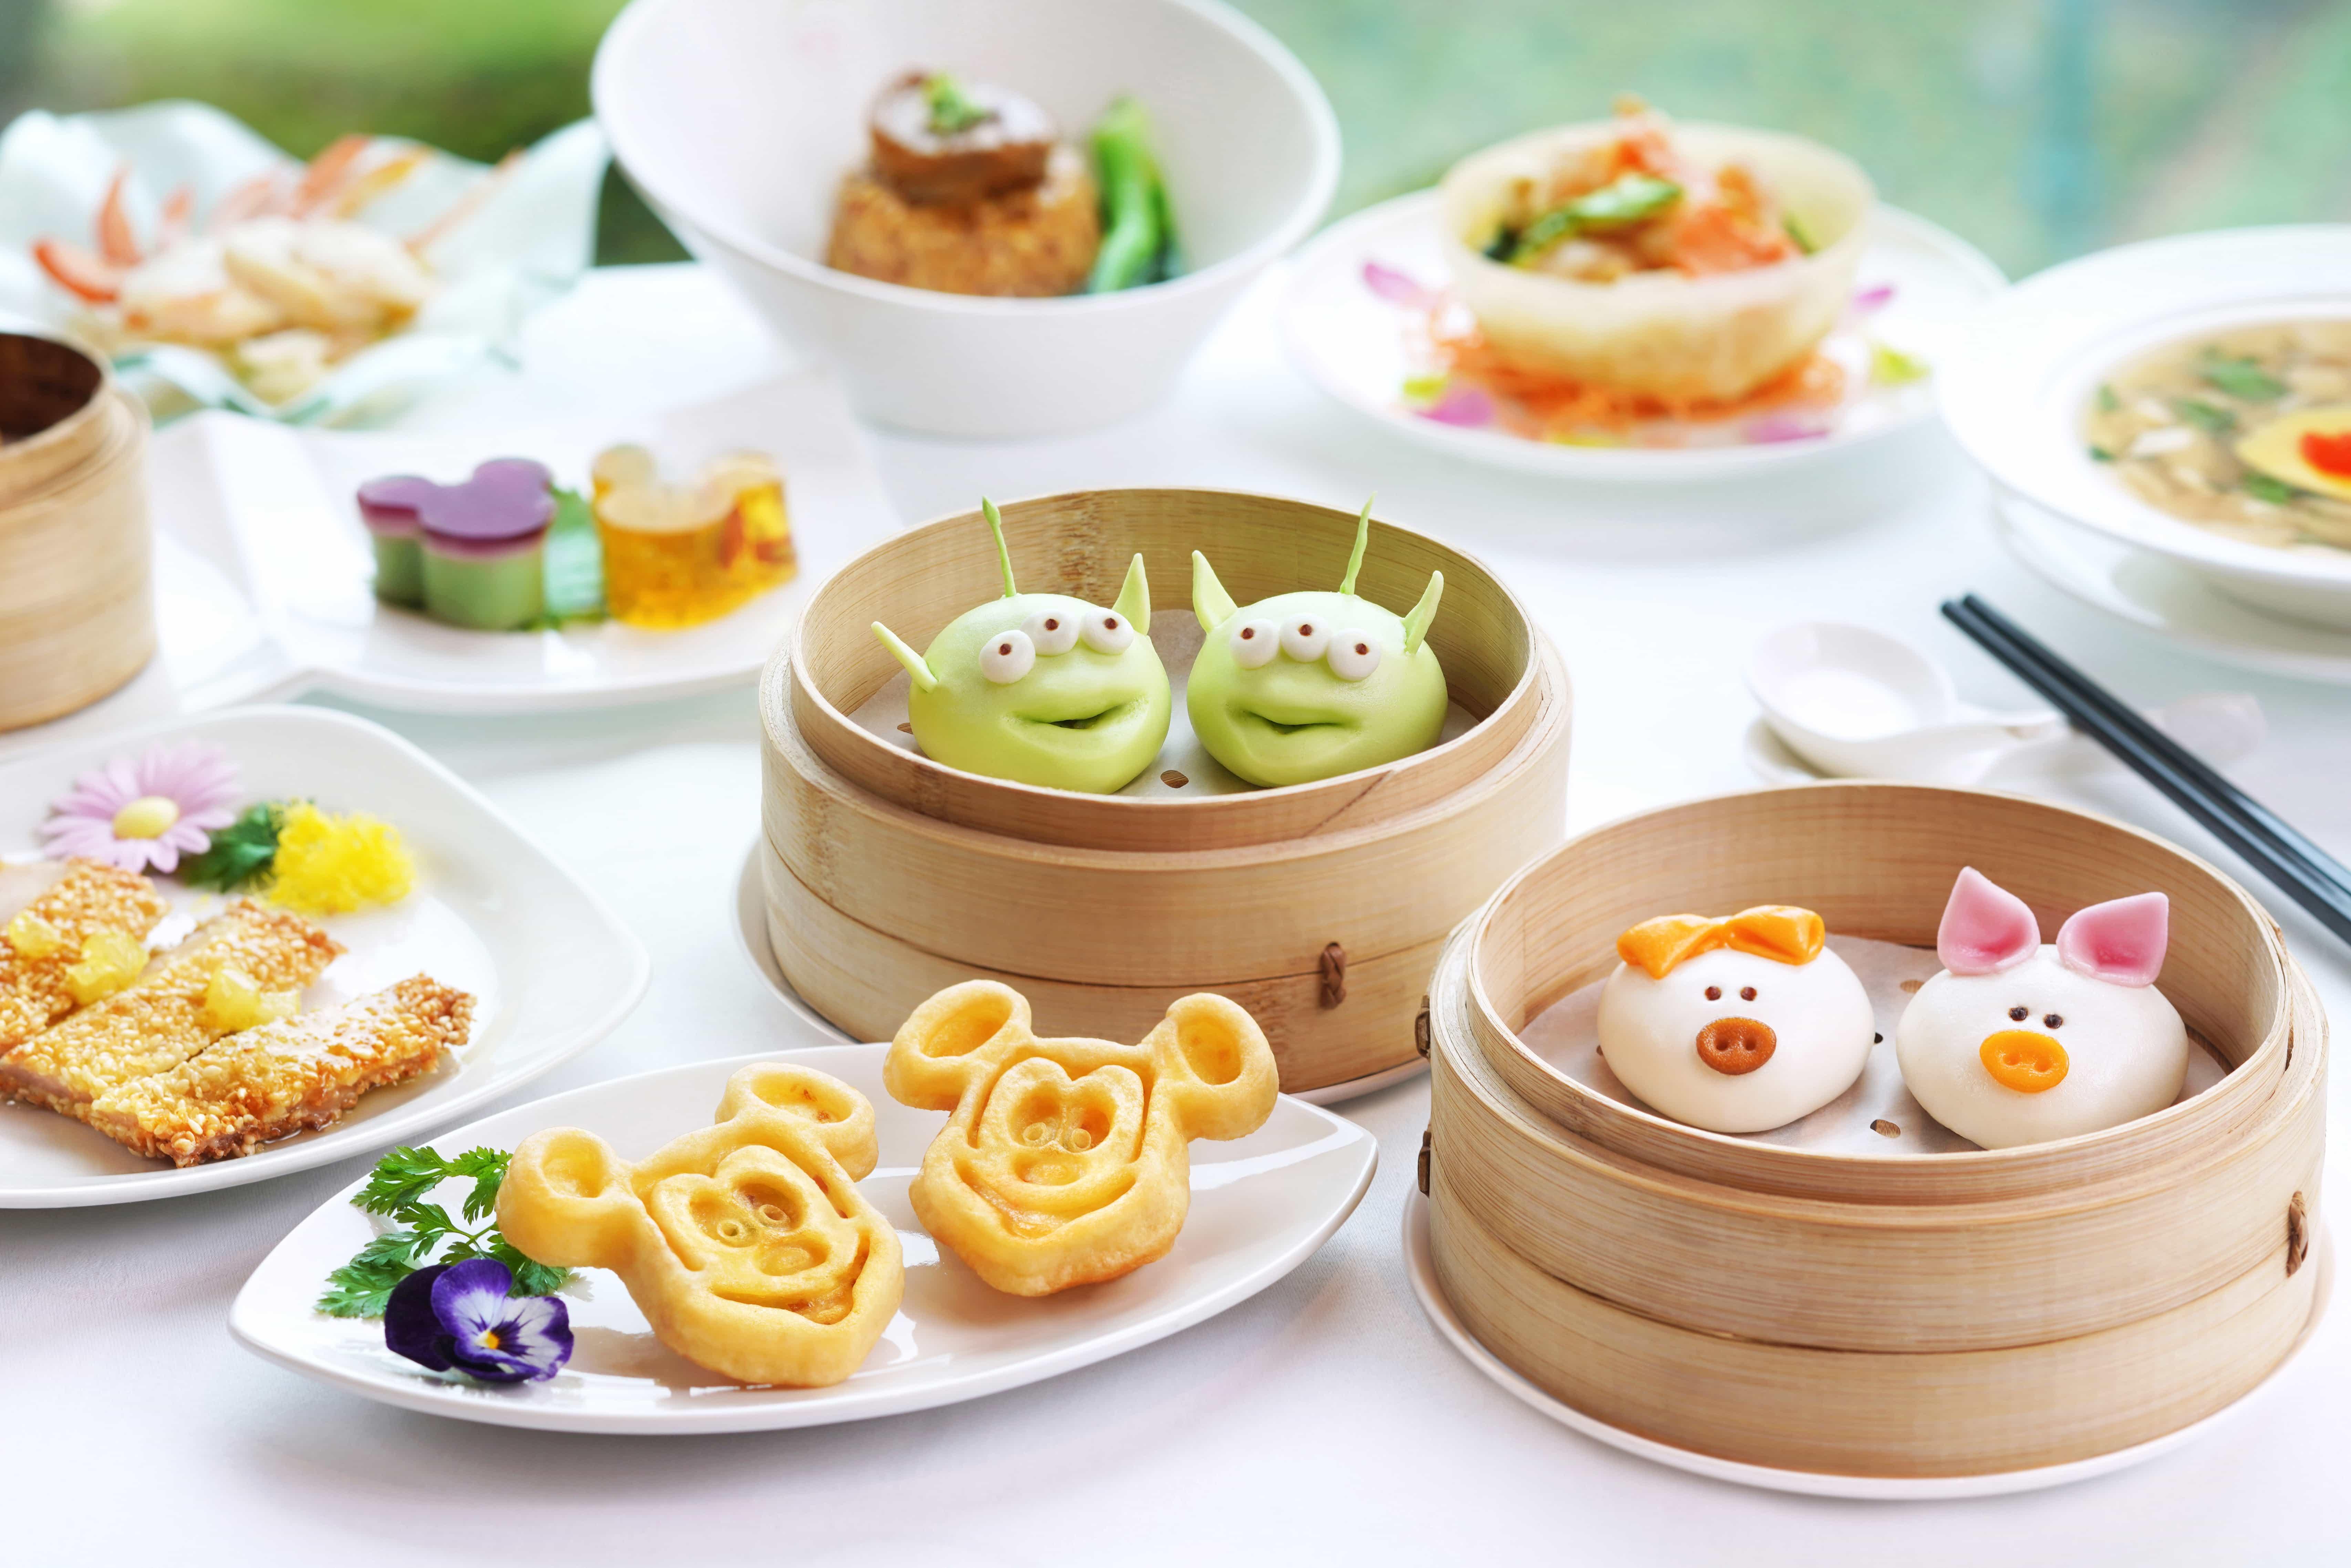 香港迪士尼樂園及酒店下午茶/點心優惠套餐/餐券(低至8折| 必試迪士尼特色造型點心)